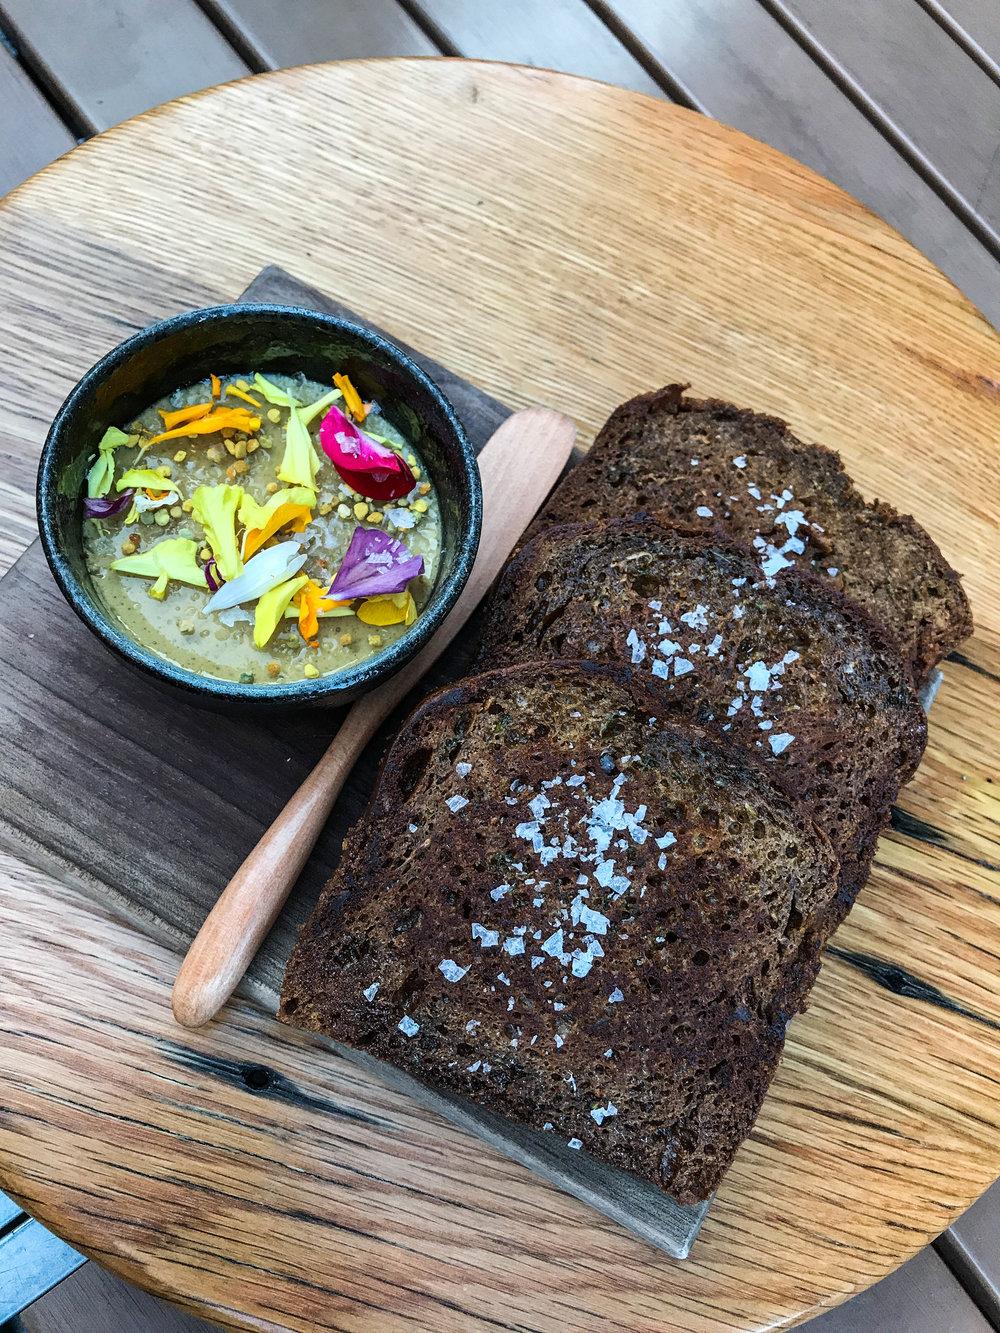 Zucchini Bread and Foie Gras at Hazel